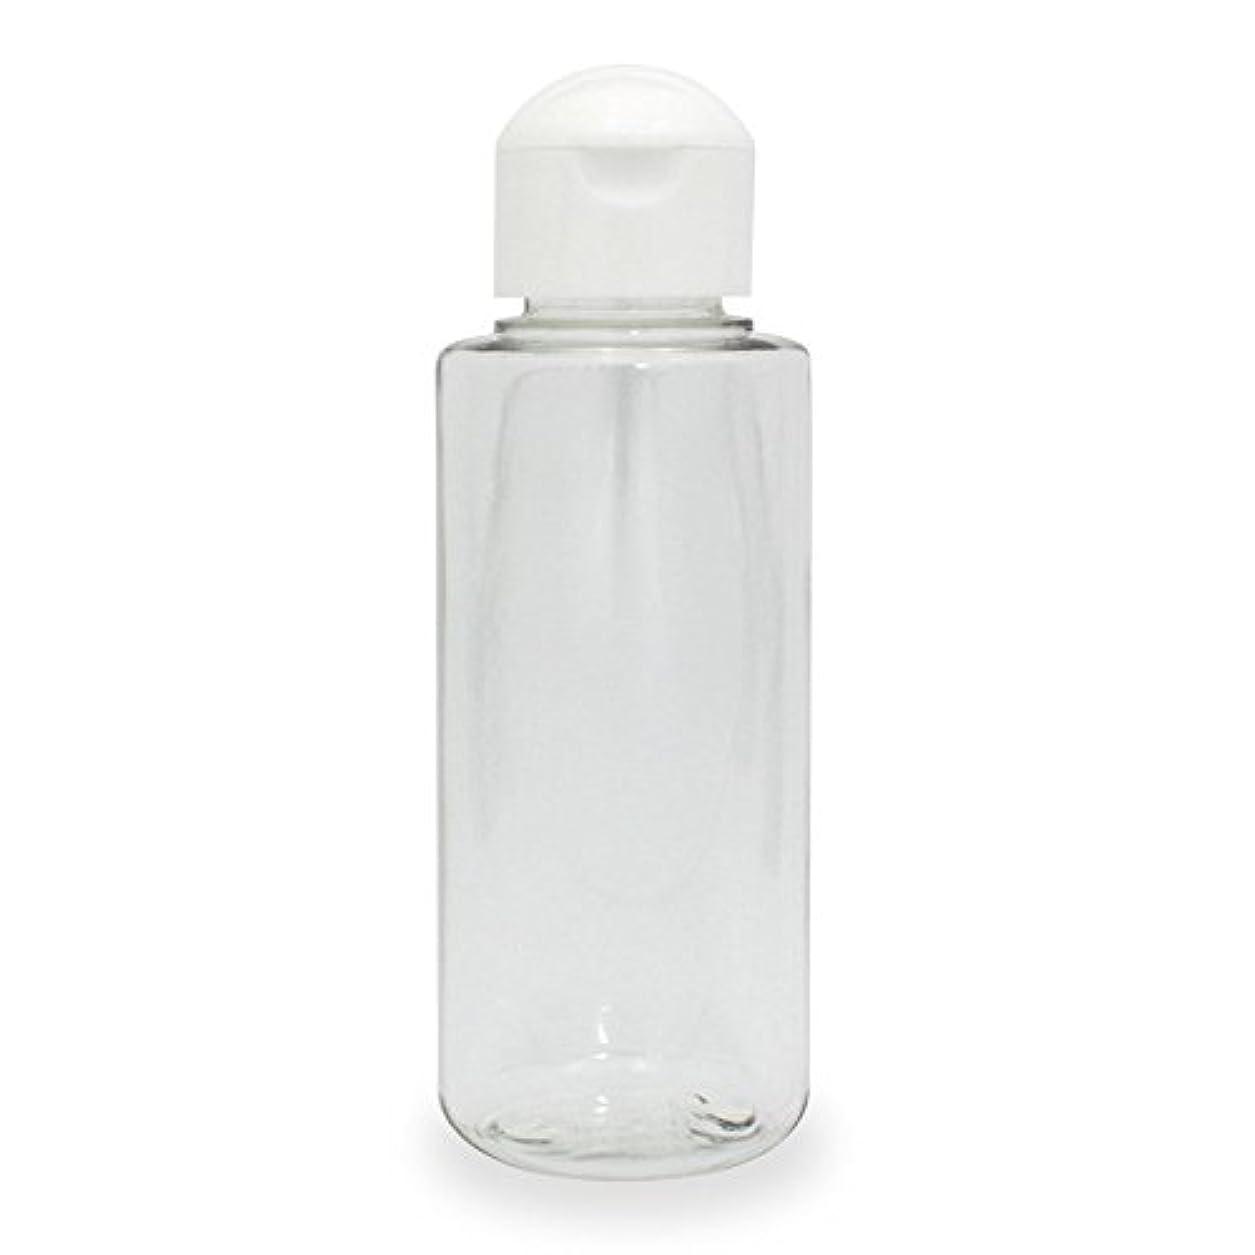 教養がある入手しますロッククリアボトル100ml (ヒンジキャップ) PET プラスチック製